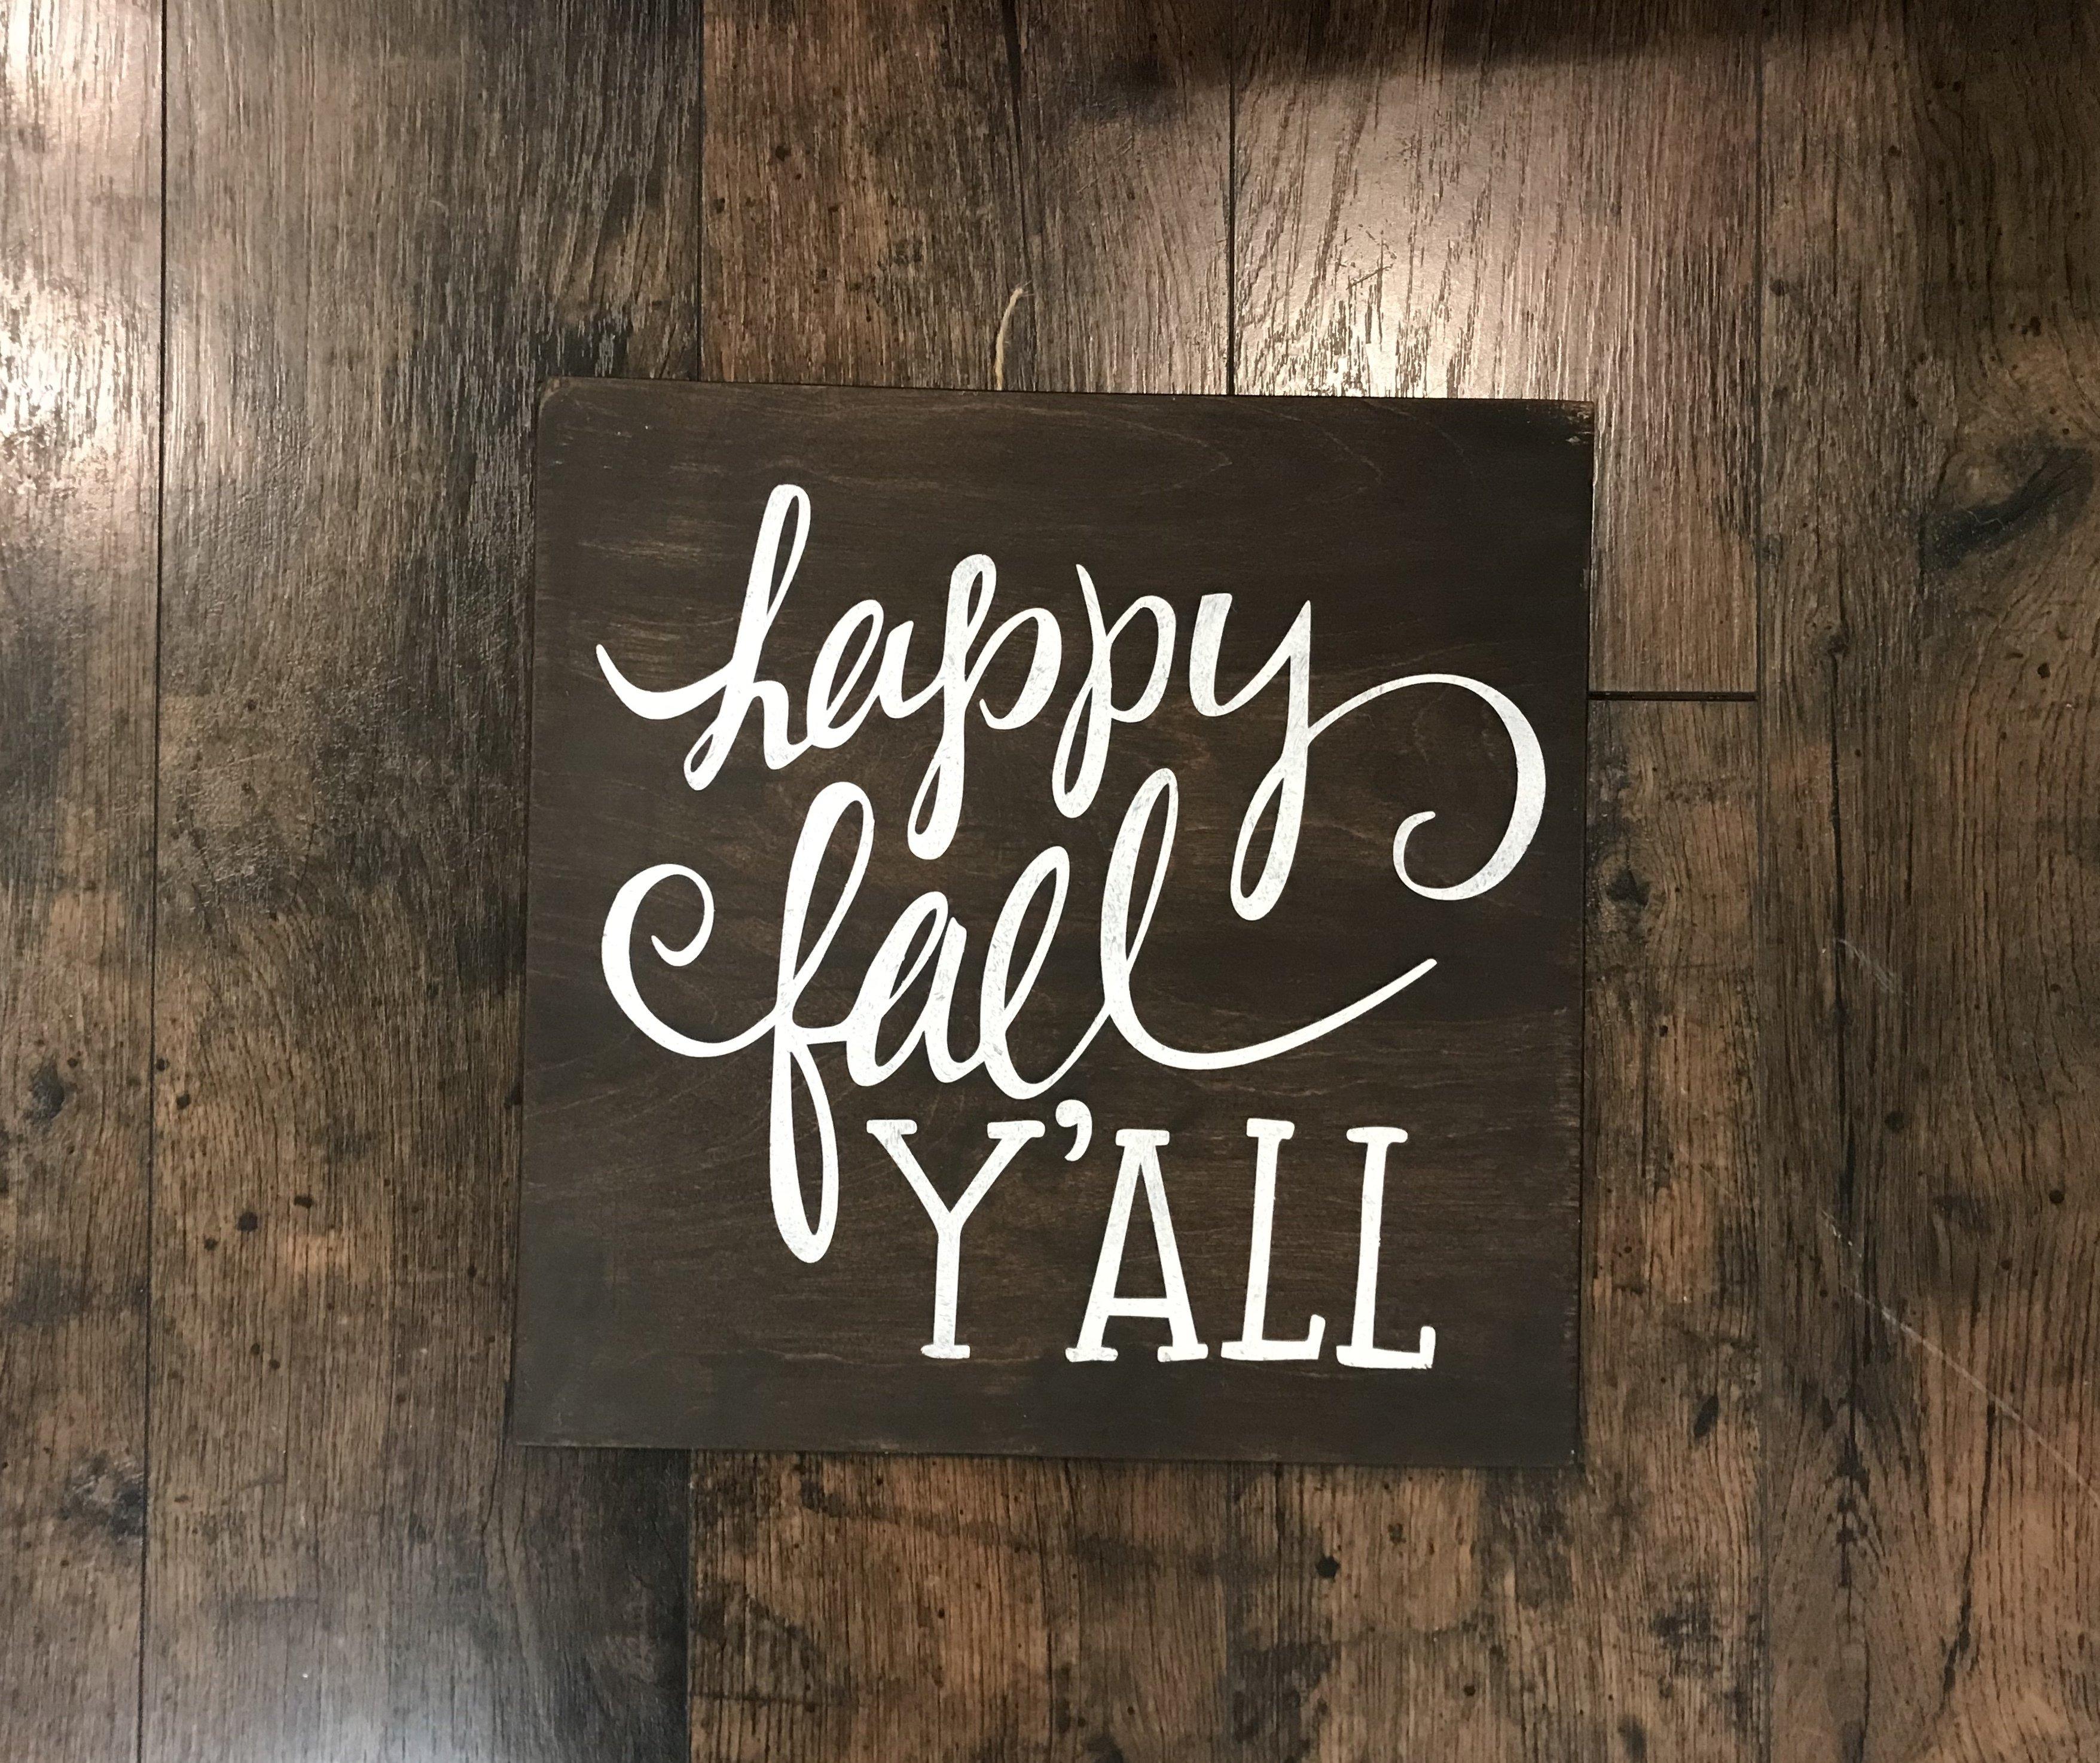 RCC Happy Fall Yall rcc45